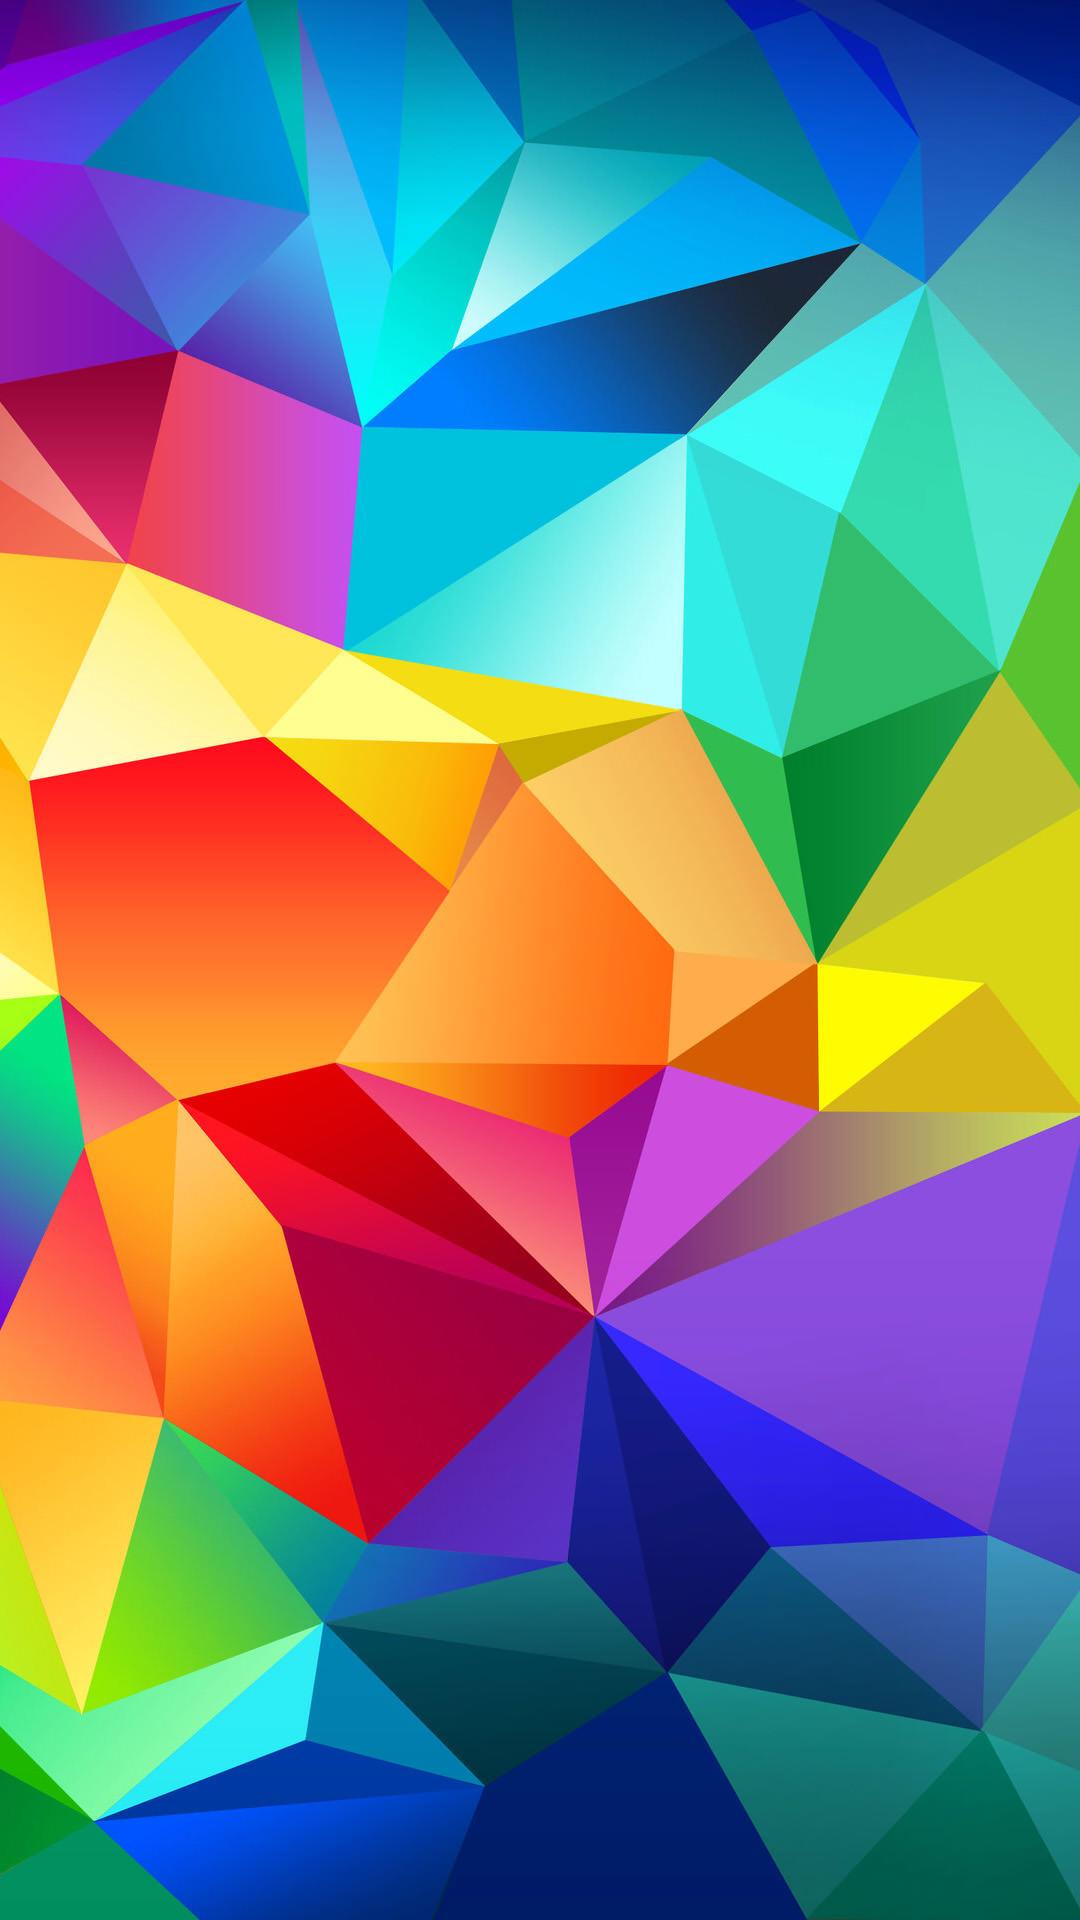 カラフルなモザイクタイル iPhone6 Plus 壁紙